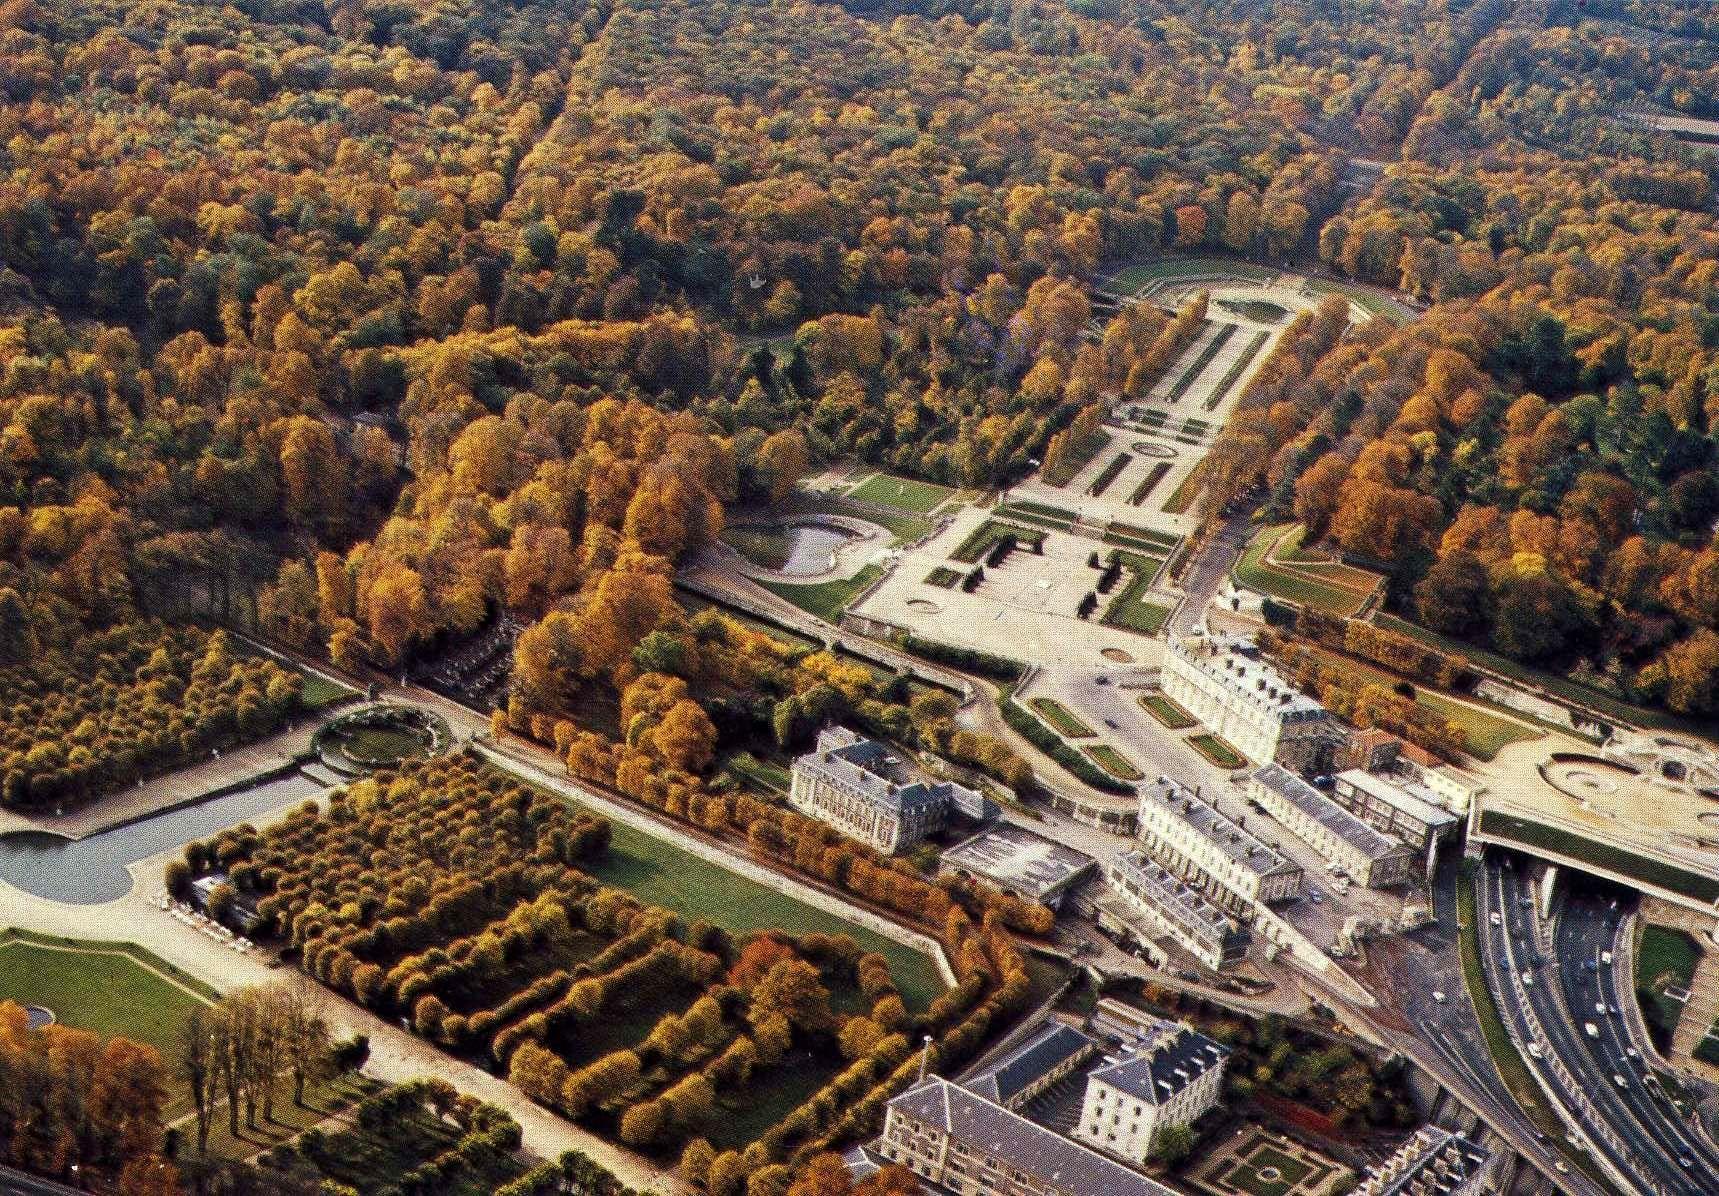 Domaine national de Saint-Cloud